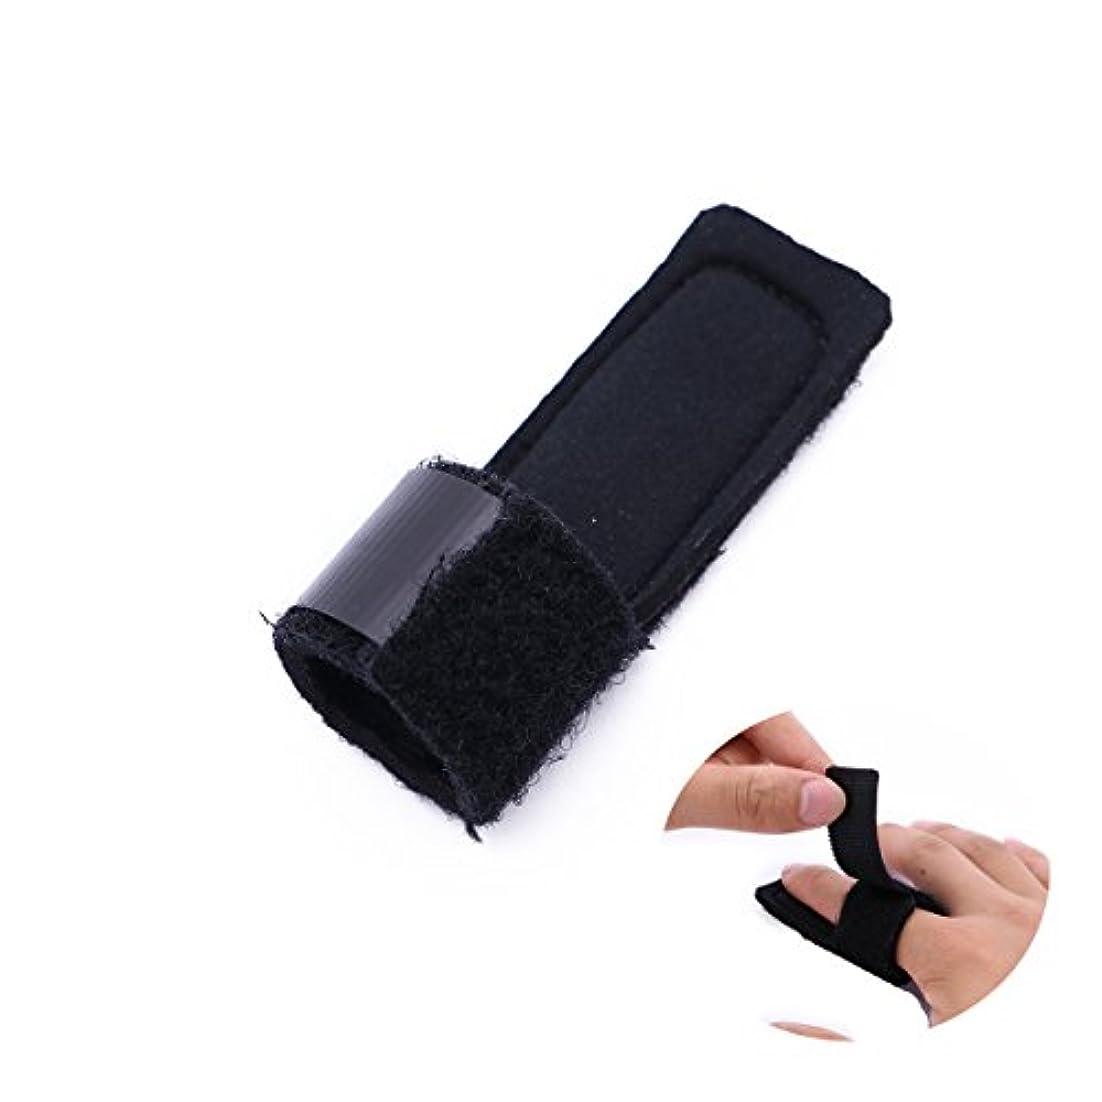 忘れられない有効な落ち込んでいるSUPVOX 指の添え木マレット指の支柱の引き金のための骨折の接合箇所の添え木プロテクター